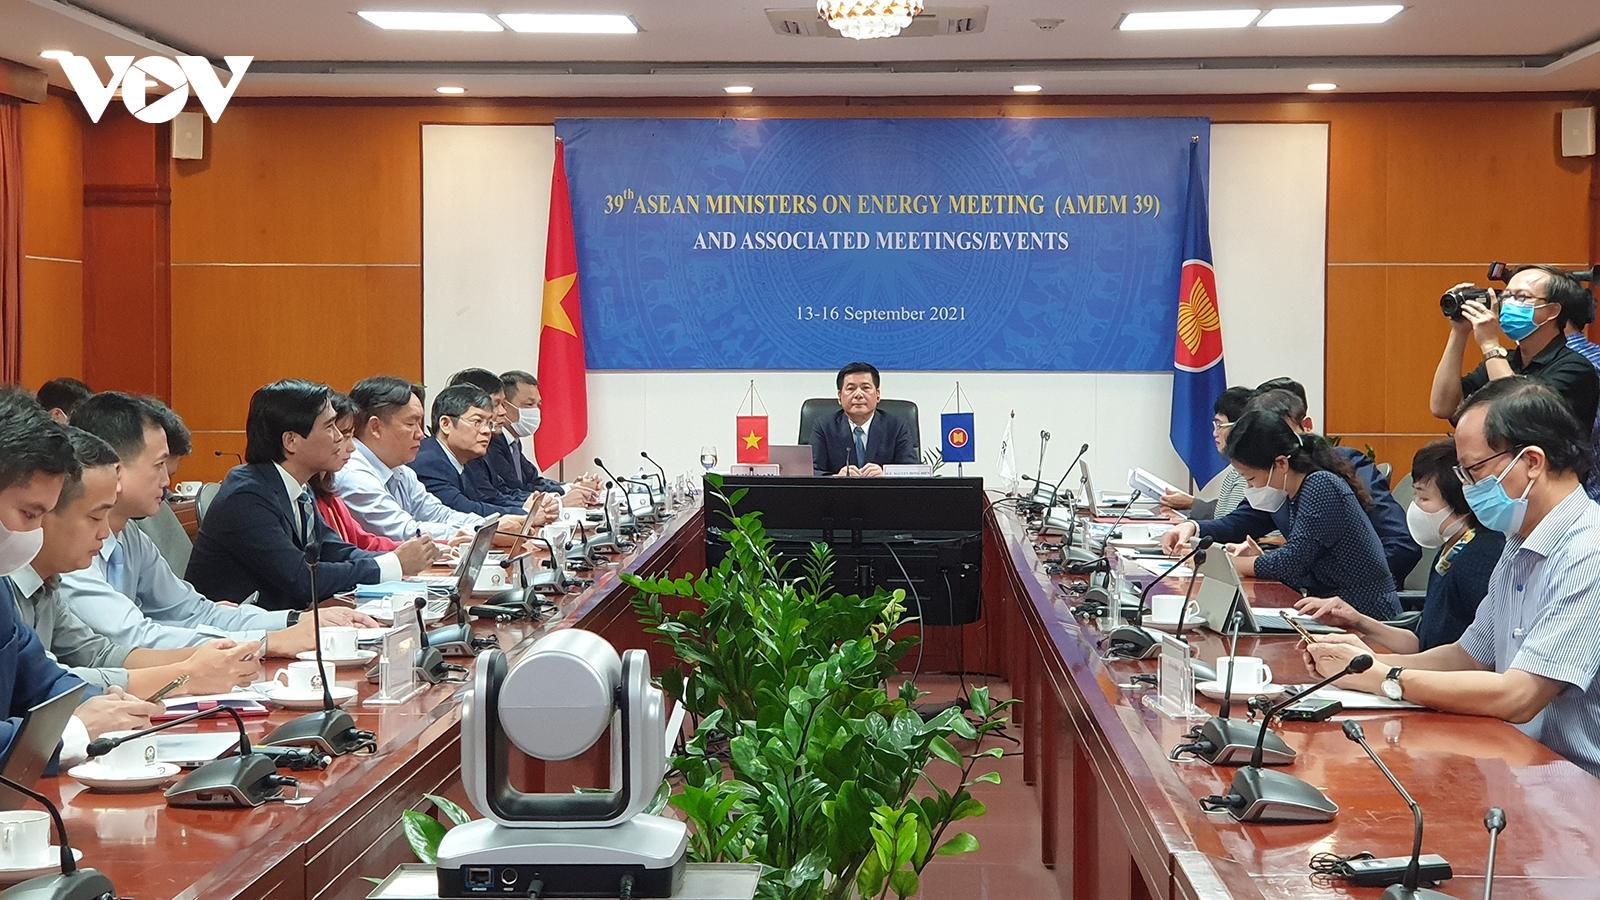 Khai mạc Hội nghị Bộ trưởng Năng lượng ASEAN lần thứ 39 (AMEM 39)